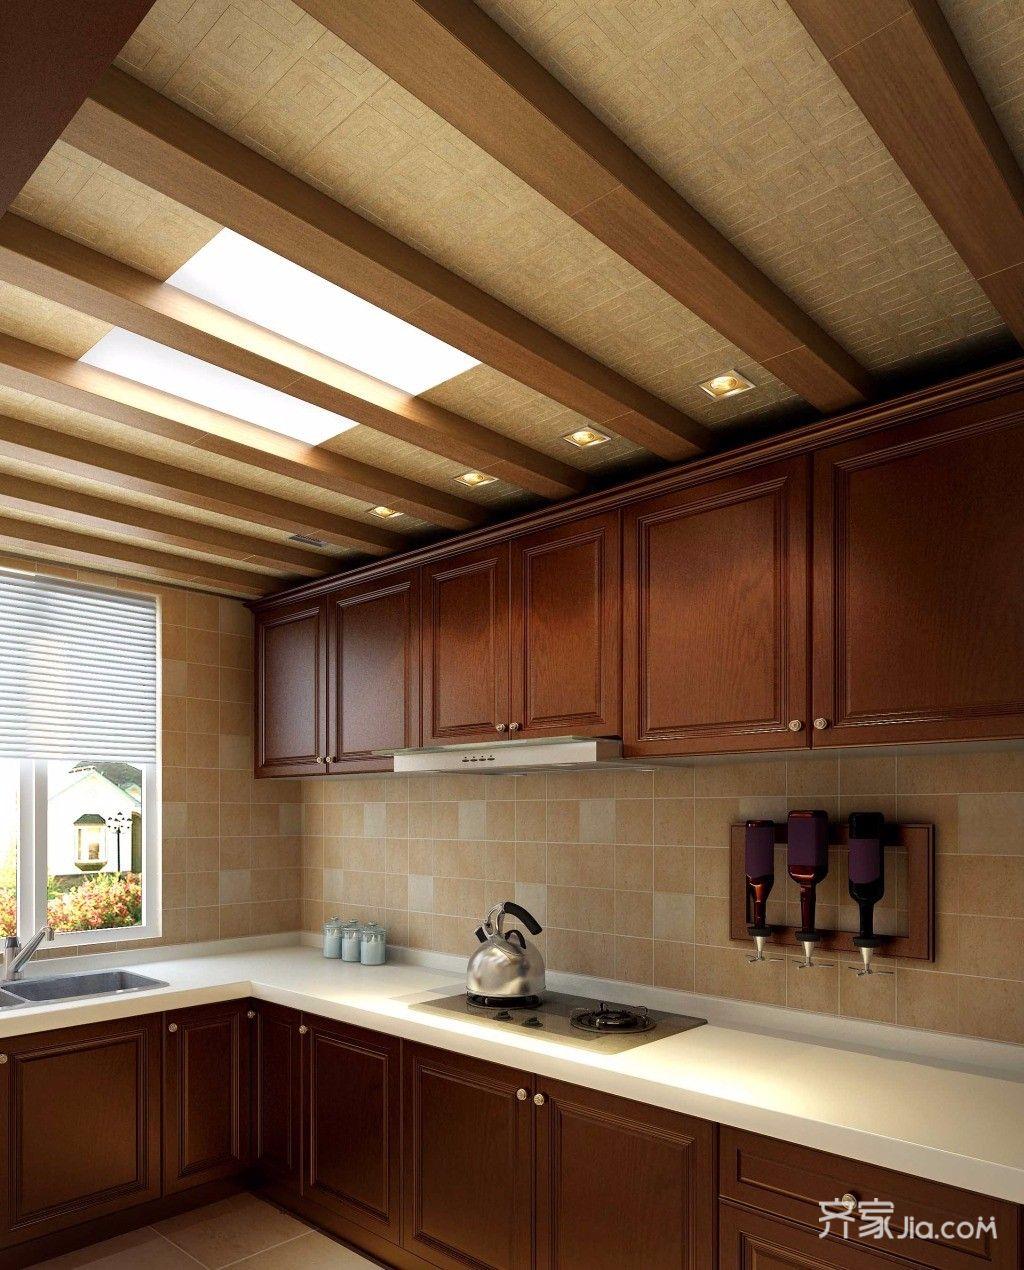 180平米欧式复式装修厨房效果图